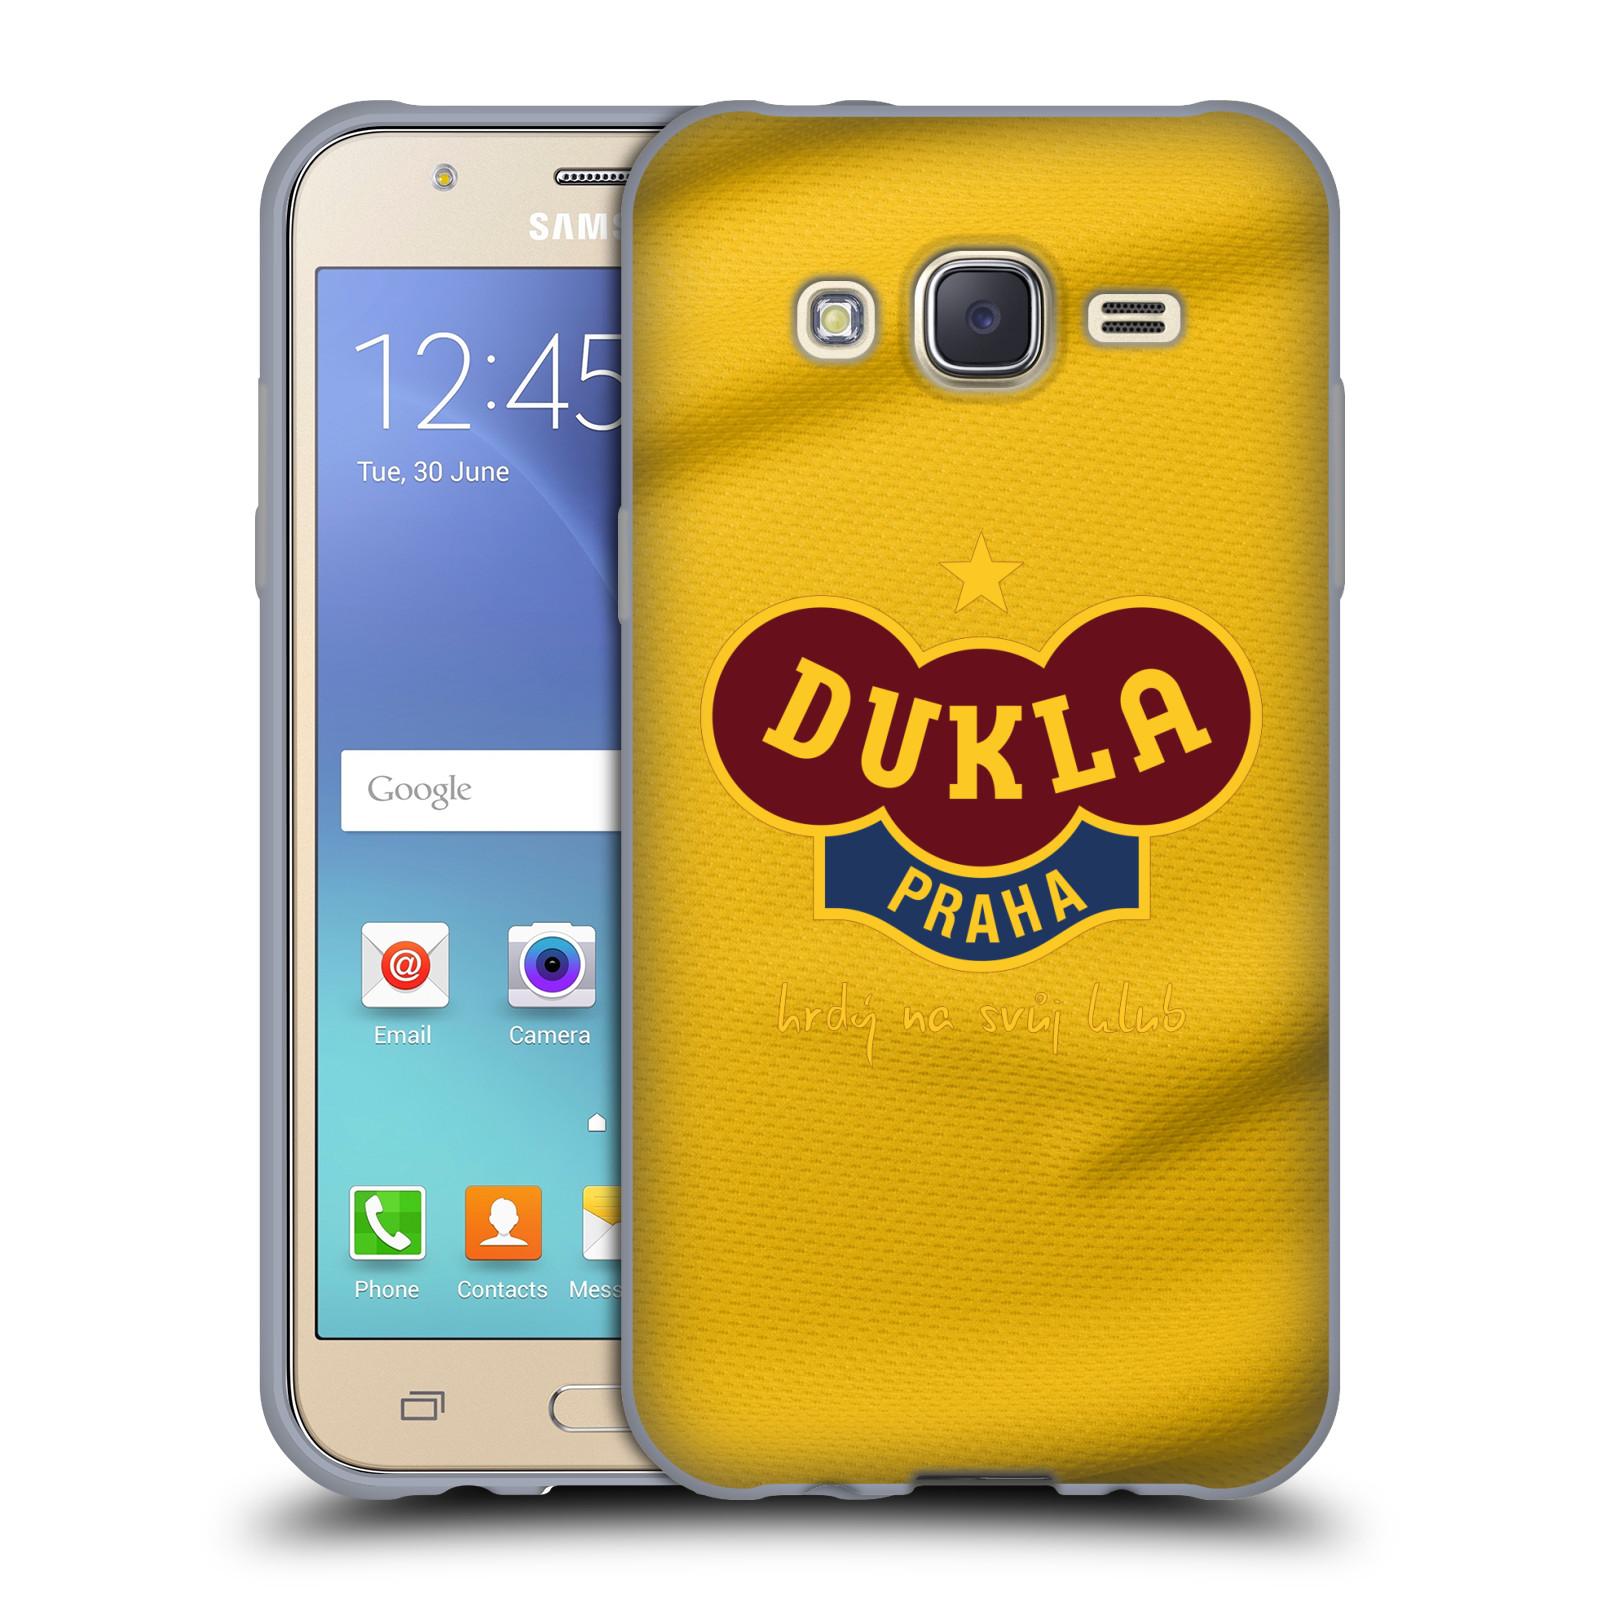 Silikonové pouzdro na mobil Samsung Galaxy J5 - FK Dukla Praha - Žlutý dres